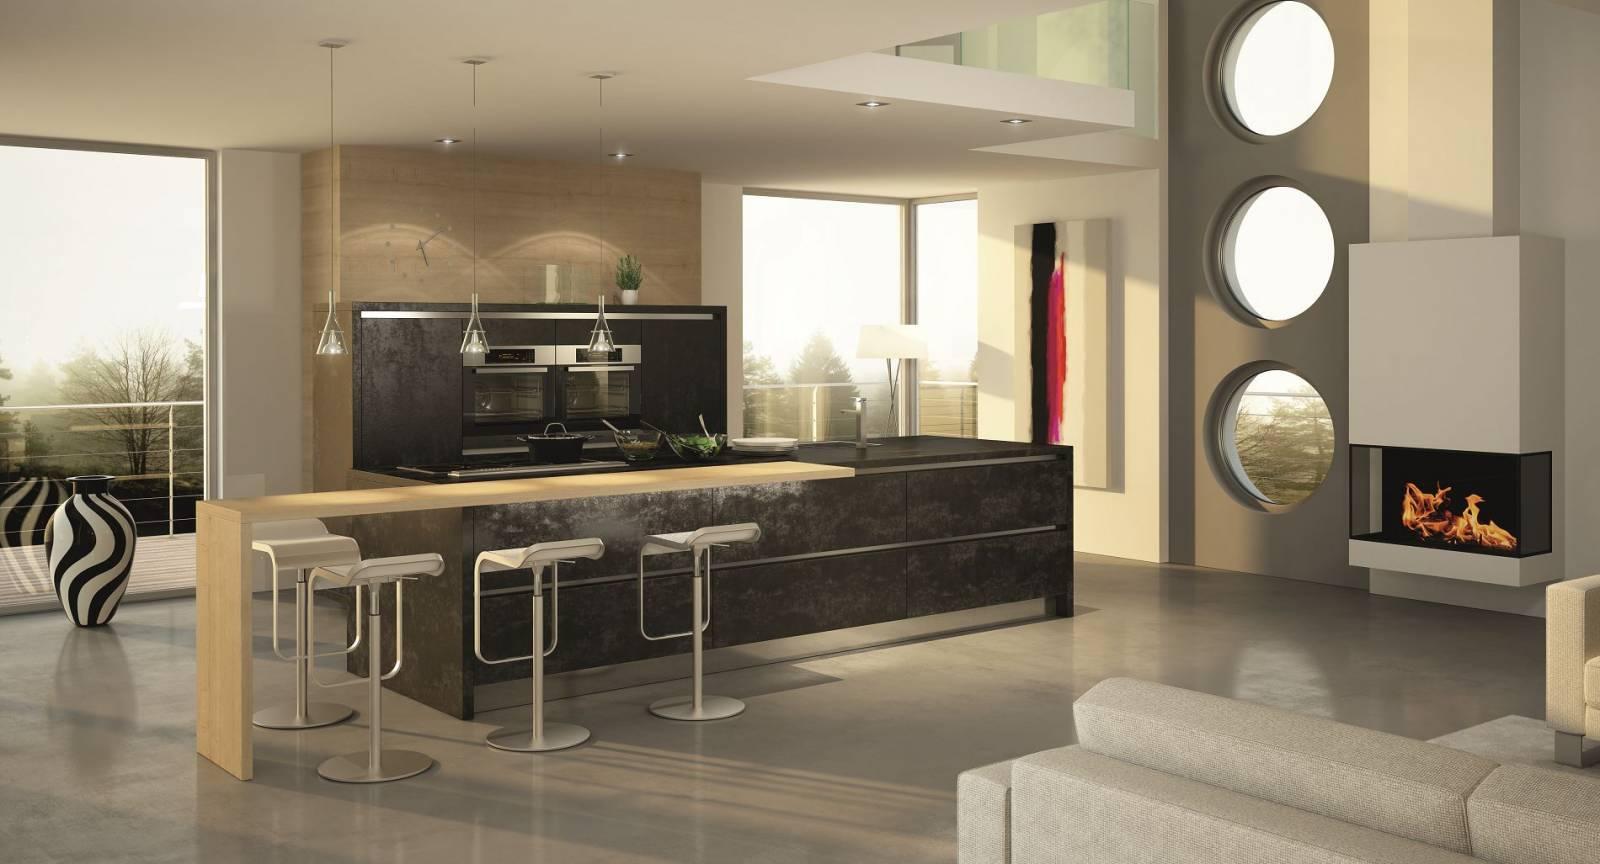 acheter une cuisine quip e libourne conception de cuisines allemandes libourne cuisiligne. Black Bedroom Furniture Sets. Home Design Ideas